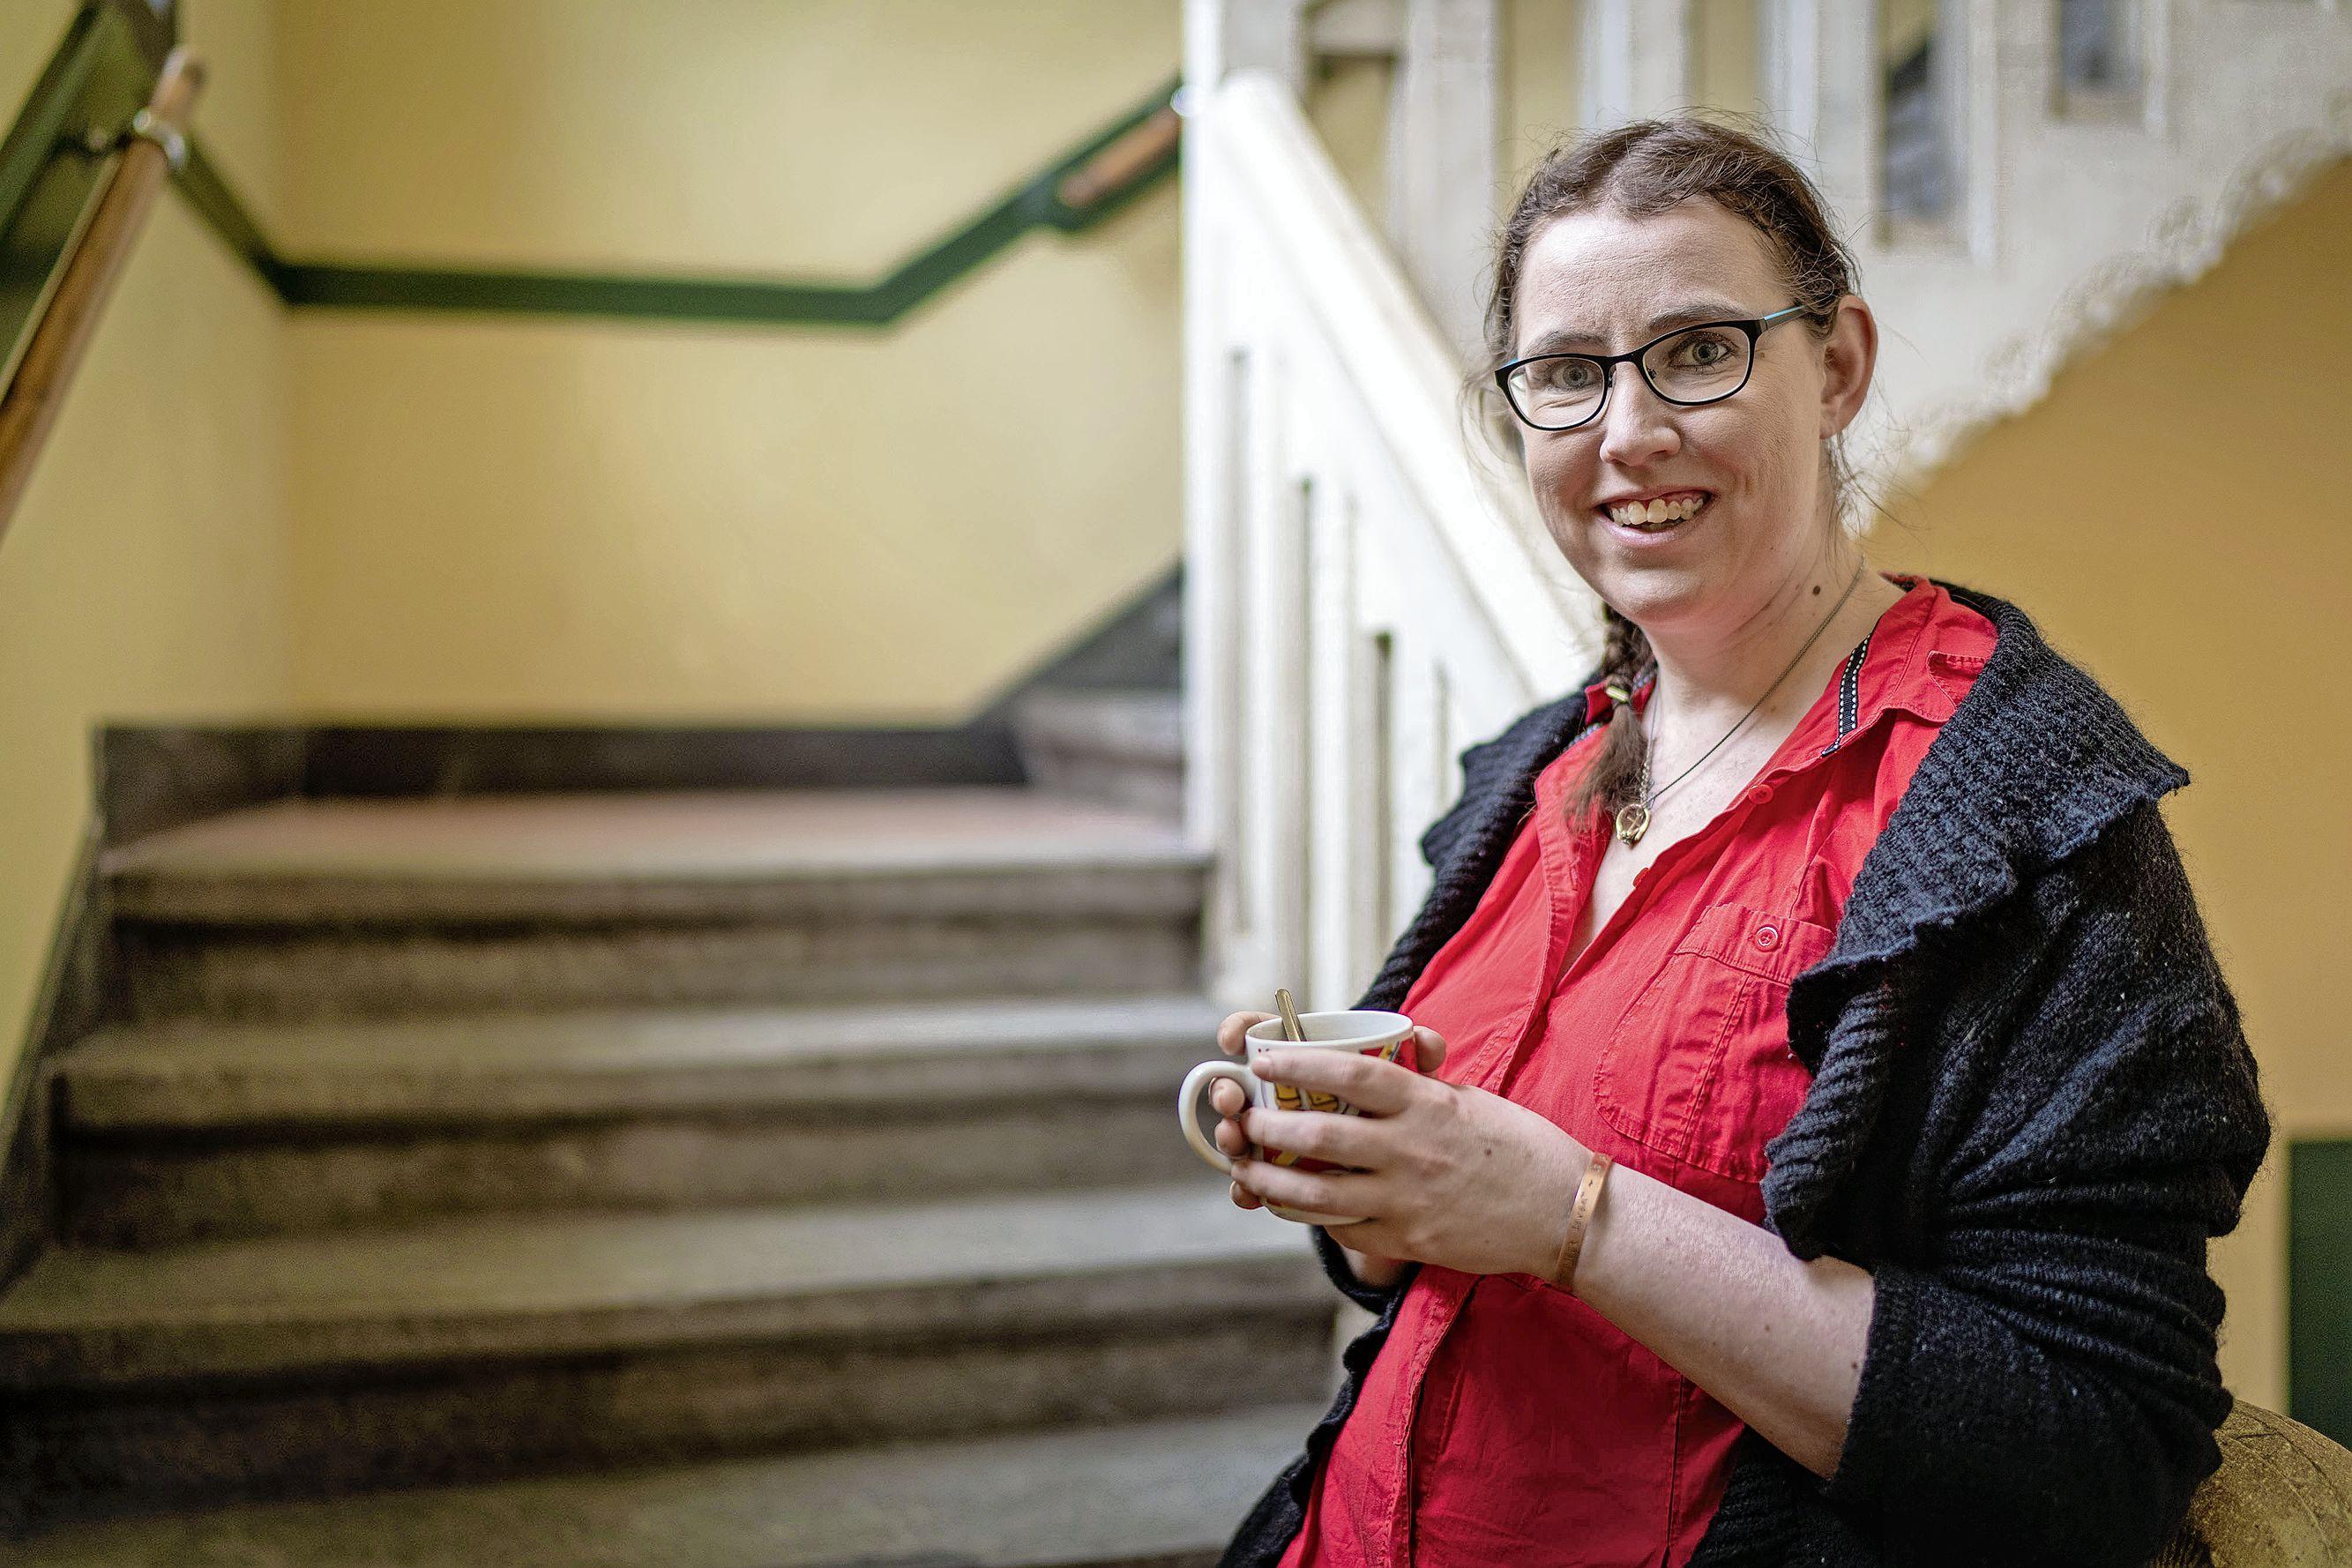 Leidse Lonneke Tomas schrijft boek over hoe ze met haar suïcidale gedachten leerde om te gaan: 'Ik ben gaan dansen, figuurlijk dan'